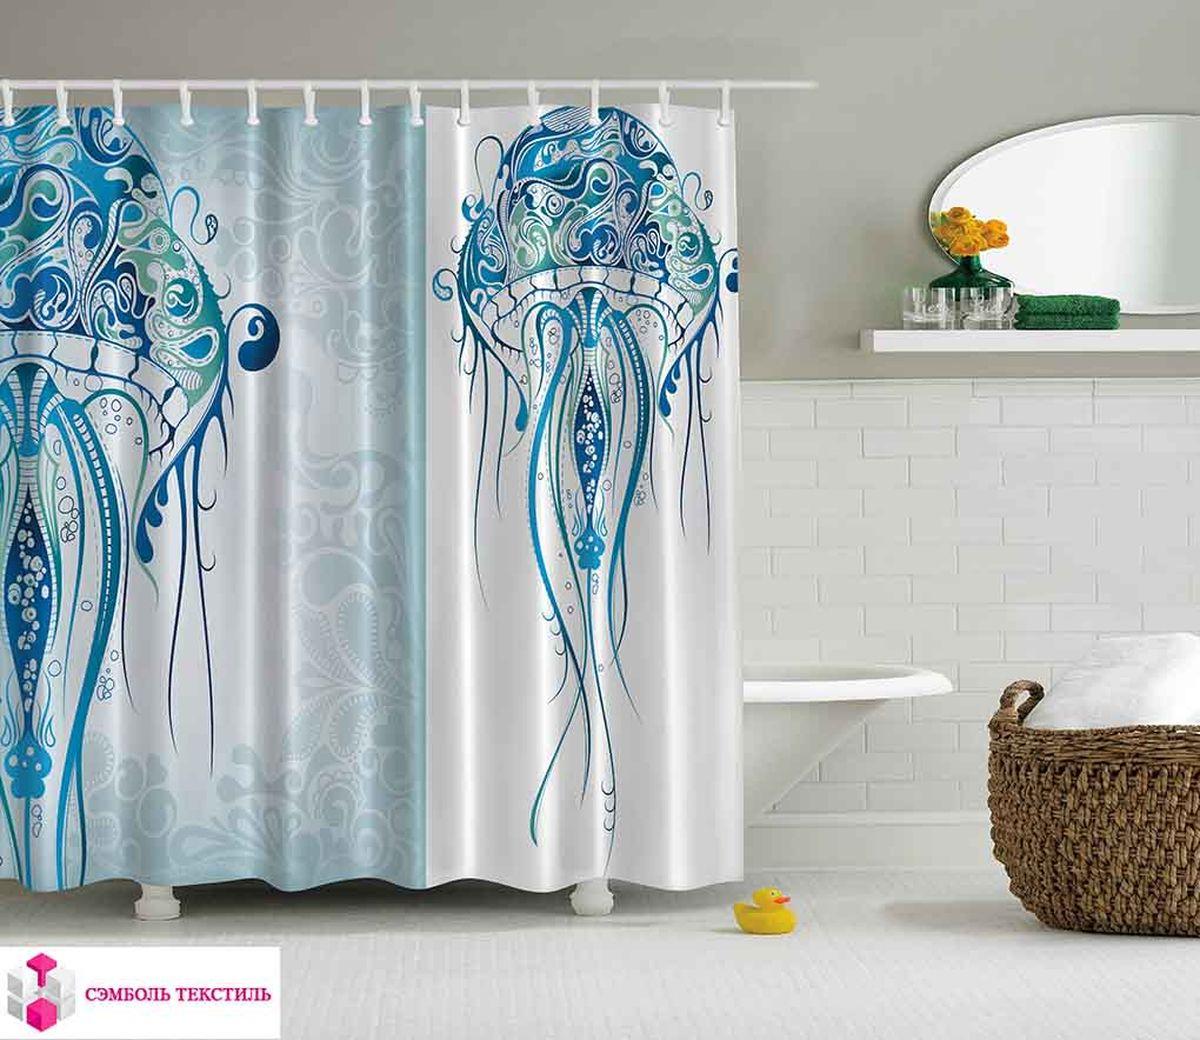 Штора для ванной комнаты Magic Lady Огромная медуза с узорами, 180 х 200 смшв_2787Штора Magic Lady Огромная медуза с узорами, изготовленная из высококачественного сатена (полиэстер 100%), отлично дополнит любой интерьер ванной комнаты. При изготовлении используются специальные гипоаллергенные чернила для прямой печати по ткани, безопасные для человека.В комплекте: 1 штора, 12 крючков. Обращаем ваше внимание, фактический цвет изделия может незначительно отличаться от представленного на фото.